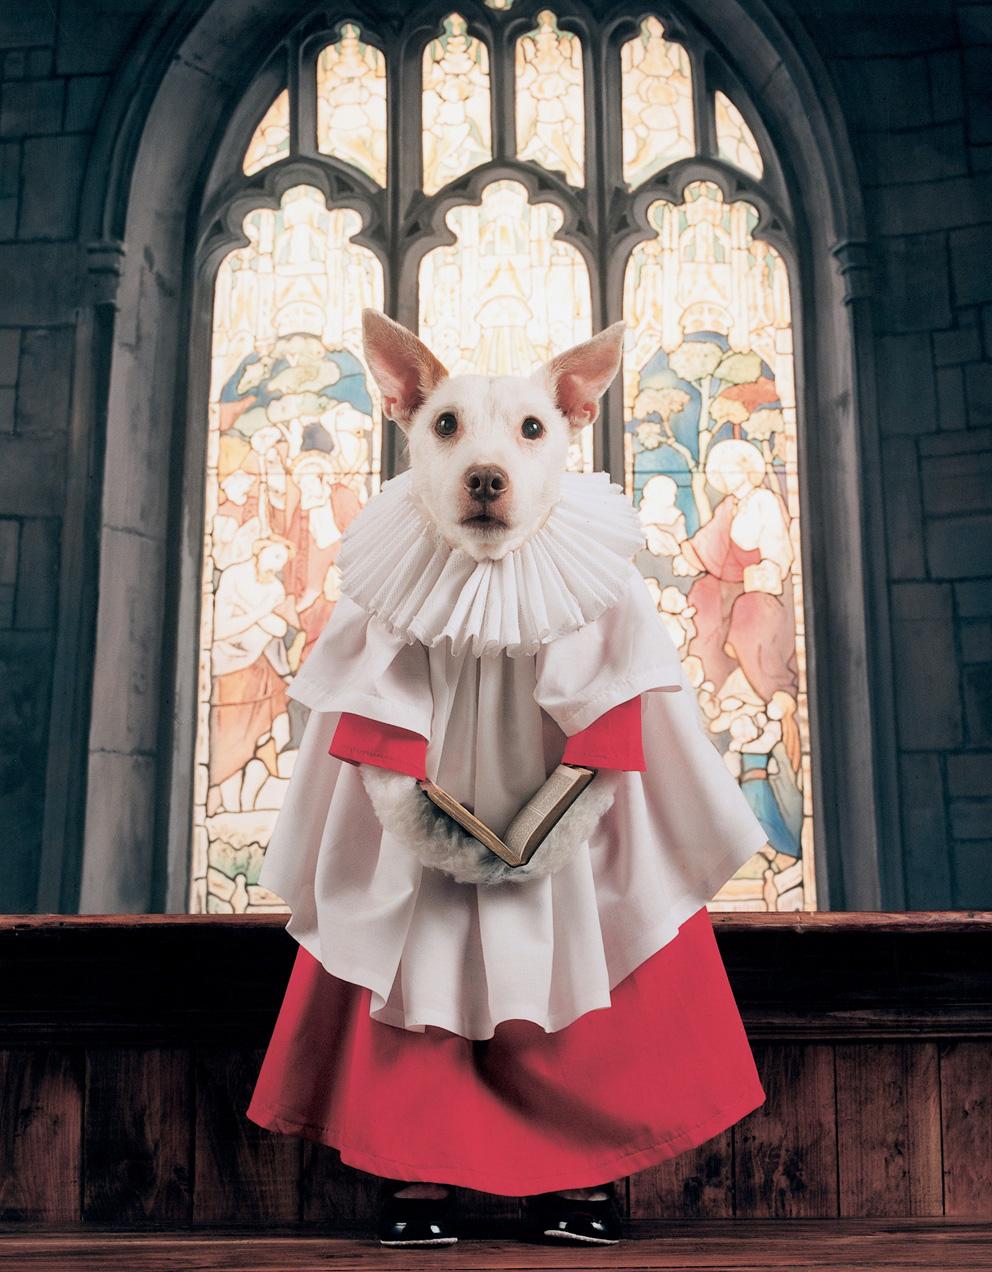 Choirboy 2001